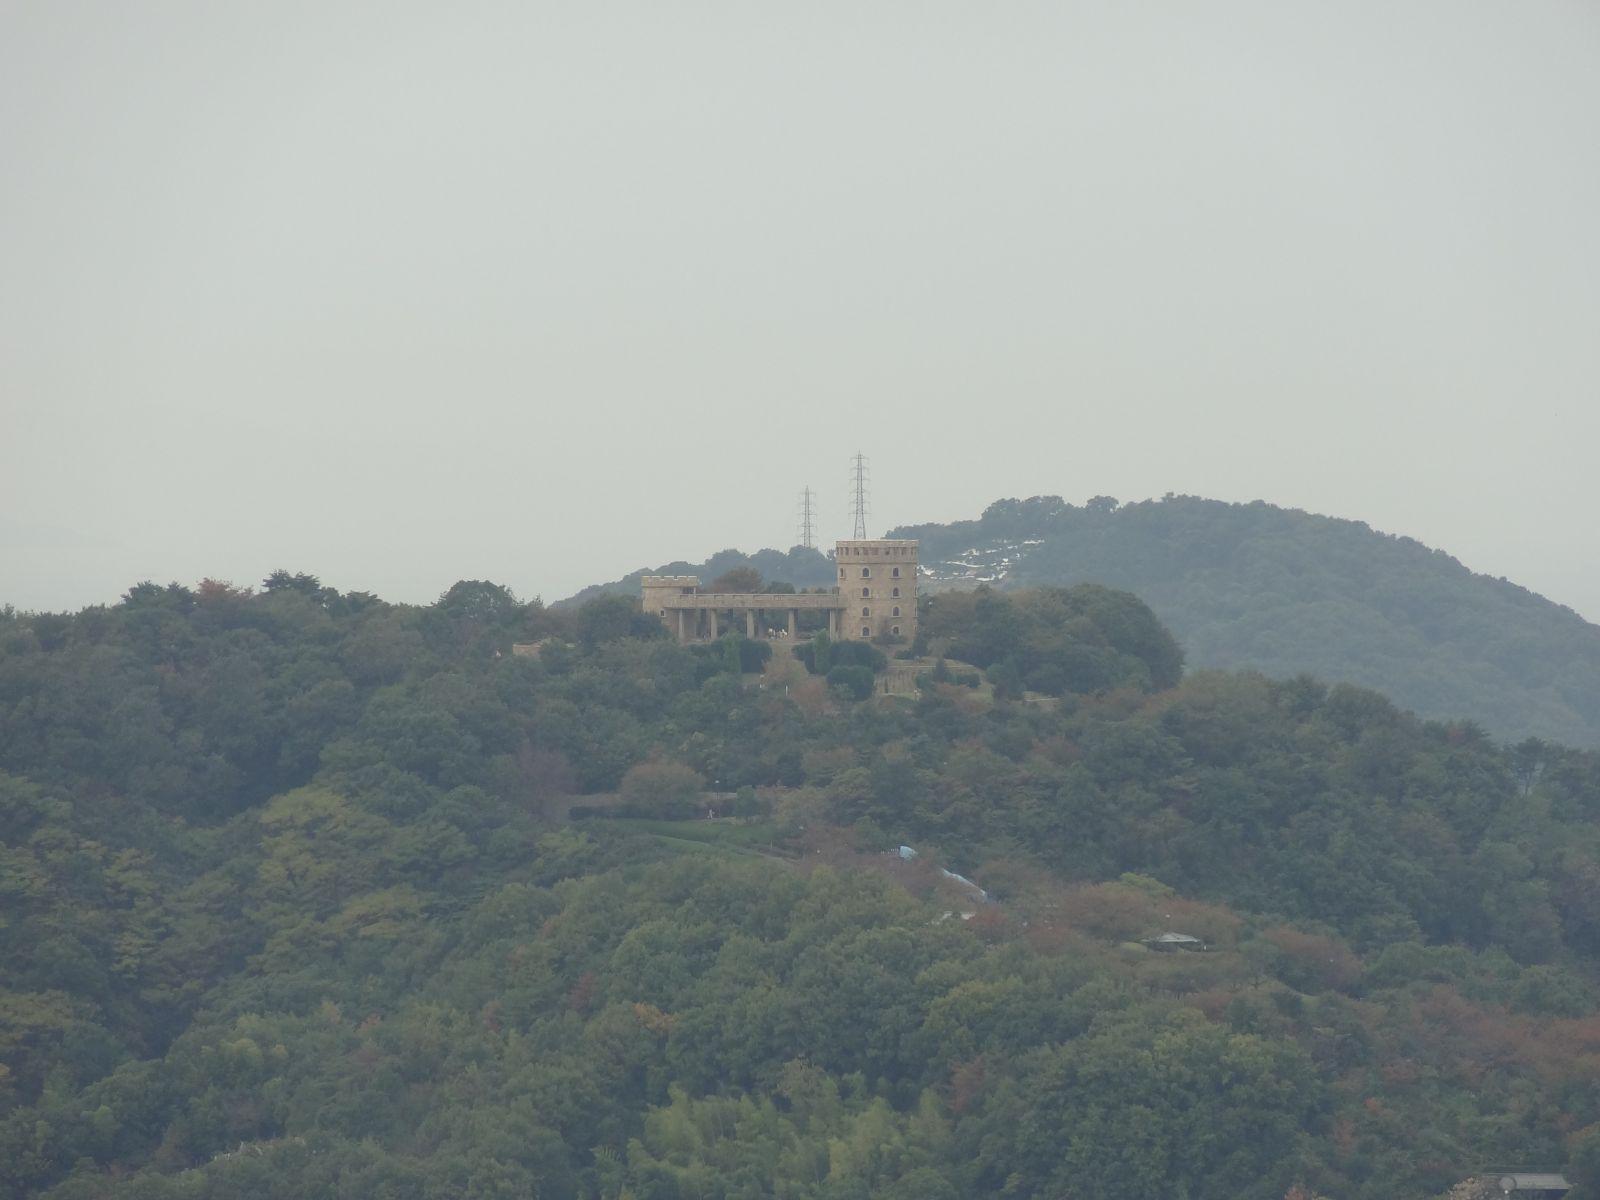 秋の松山城(天守閣三階より西方向の眺望)の写真です。クリックすると拡大します。秋の松山城(天守閣三階より西方向の眺望)の写真です。クリックすると拡大します。